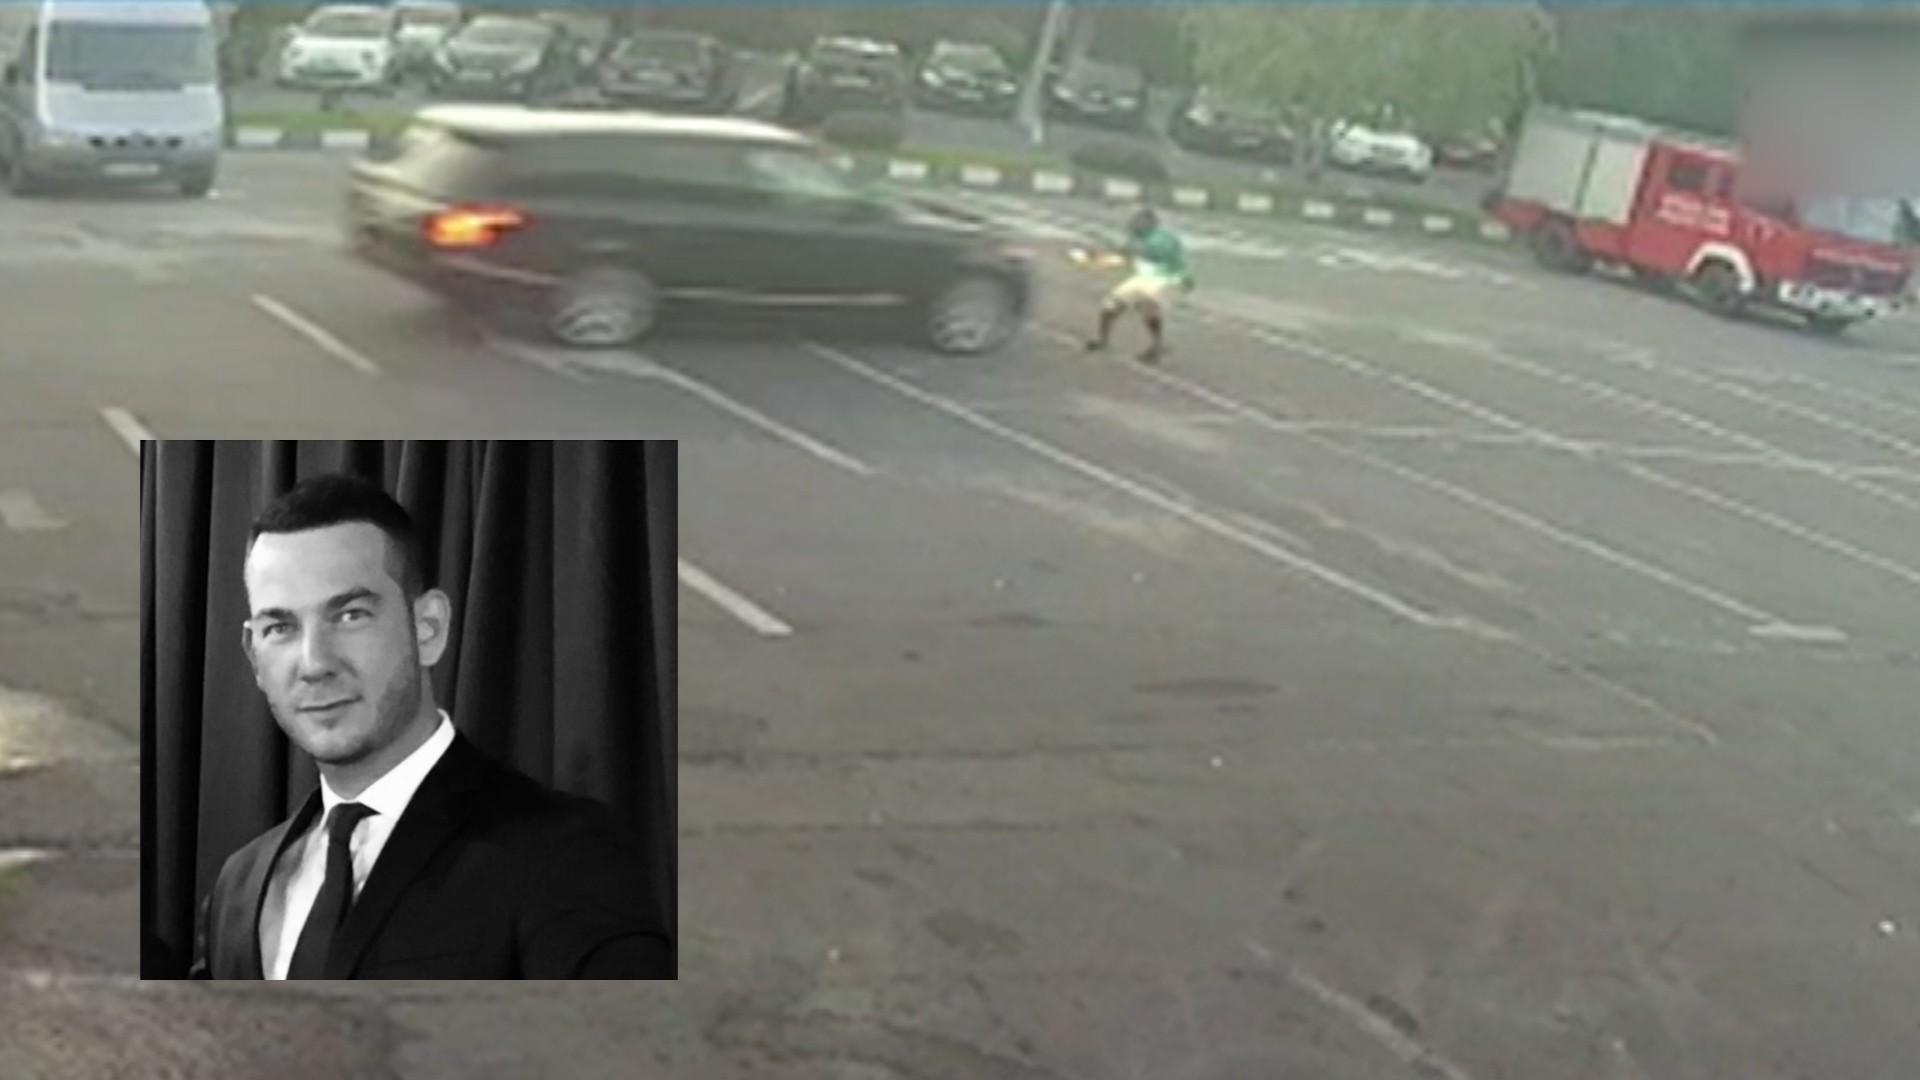 Șoferul care a lovit intenționat cu mașina angajatul unei spălătorii s-a predat.Omul de afaceri turca fost reţinut pentru 24 de ore